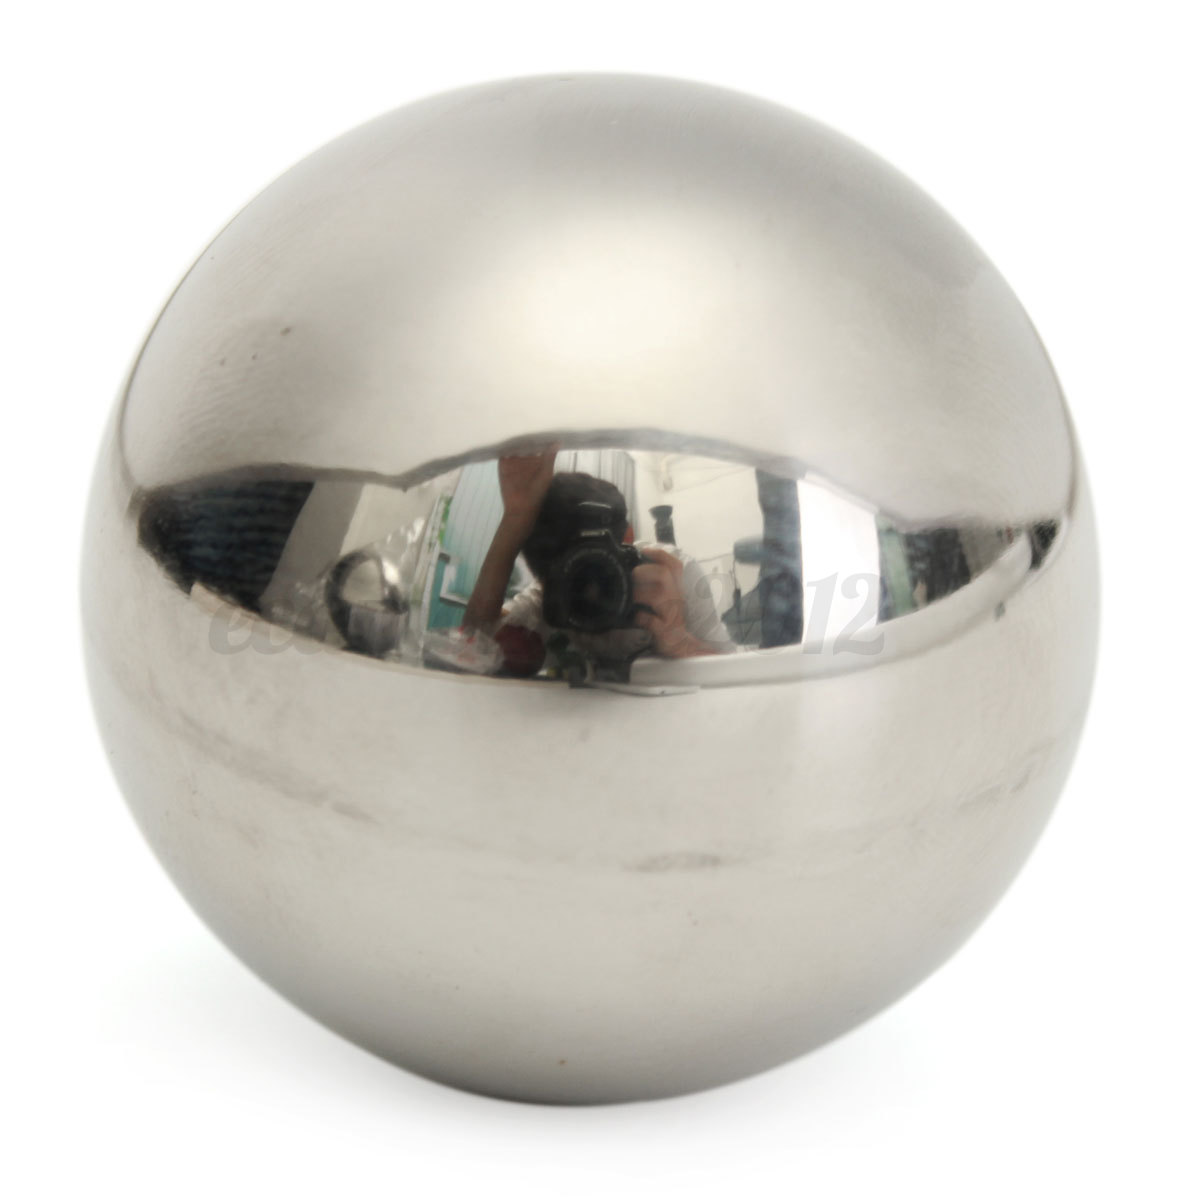 5 size sph re acier inoxydable poli miroir exterieur. Black Bedroom Furniture Sets. Home Design Ideas